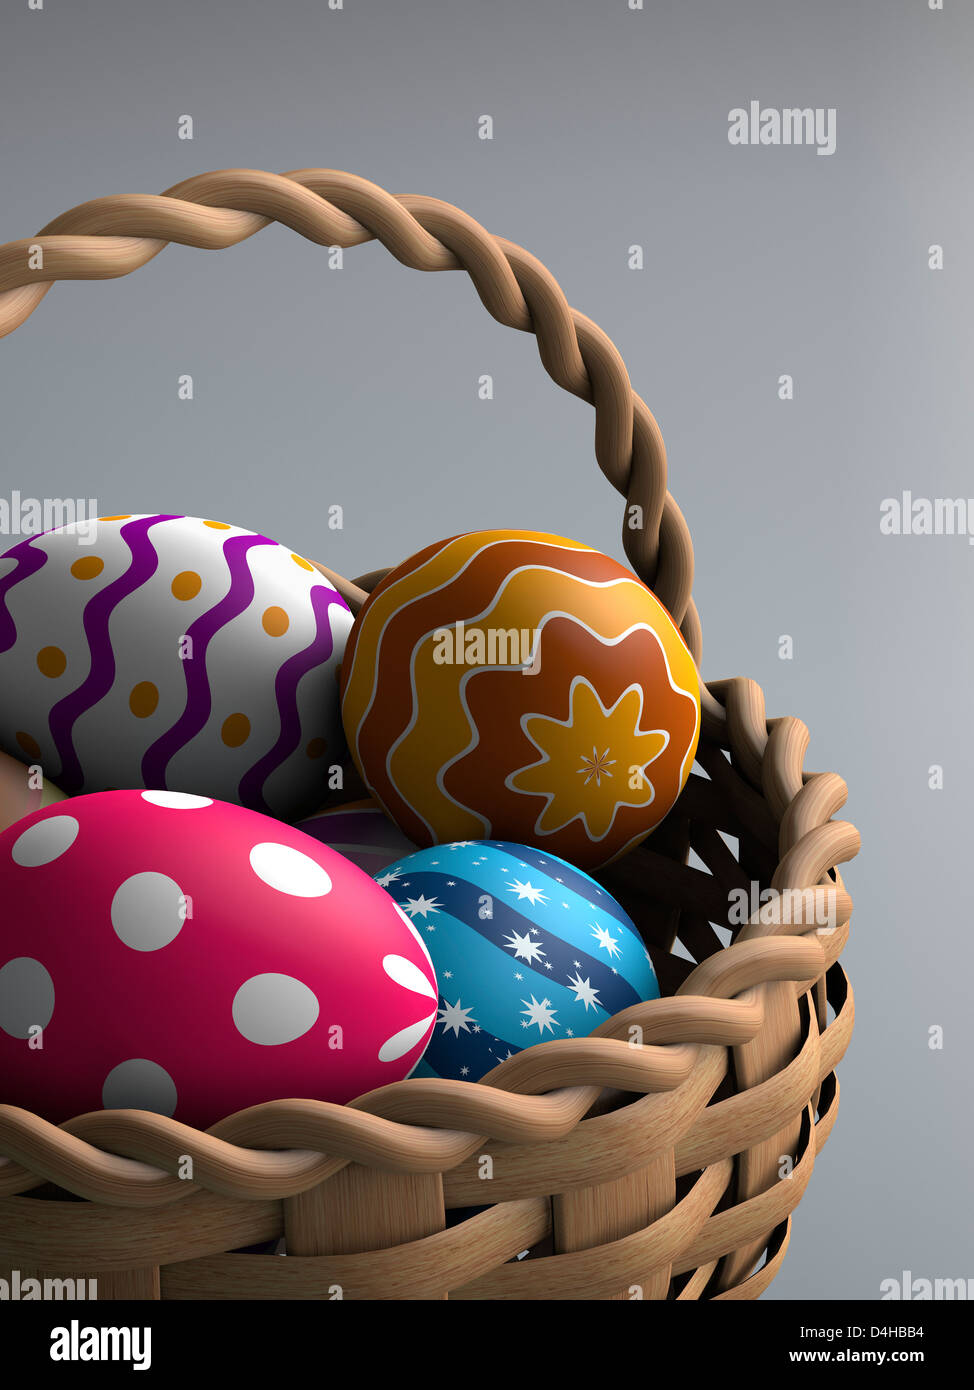 Decoradas en una canasta de huevos de pascua (3D Render) Imagen De Stock